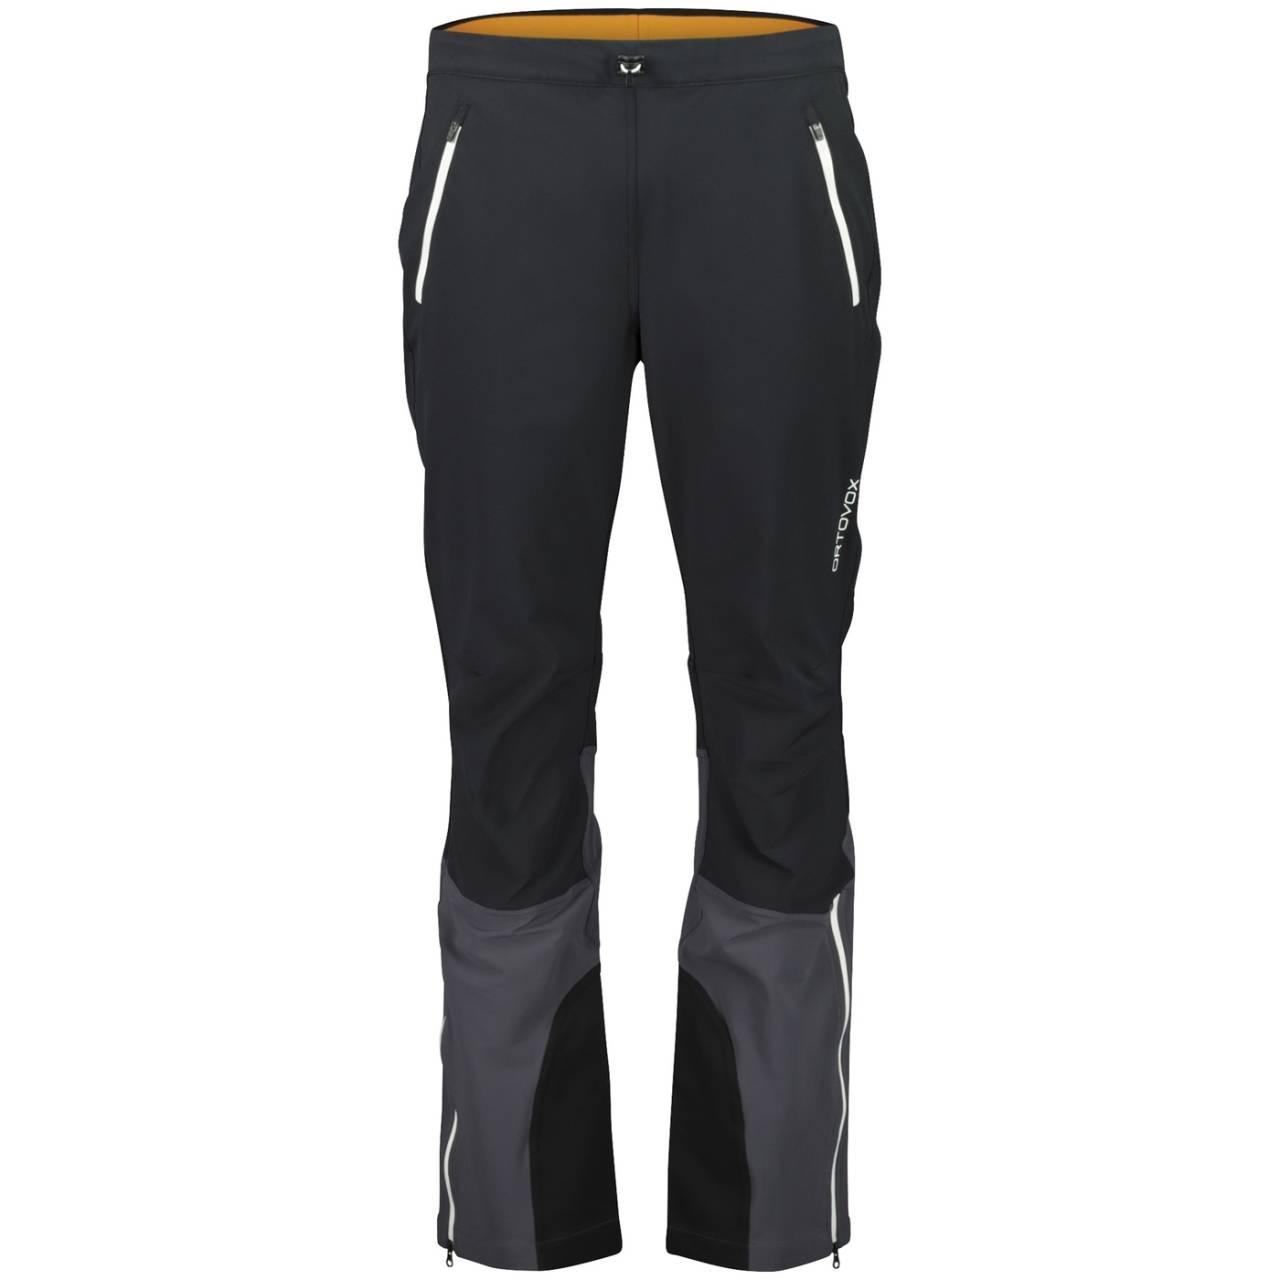 TEST AV SOFTSHELLBUKSER: De 10 buksene vi har hatt til test har alle vært gode å ha på, men med ulike detaljer og funksjoner som gjør at de skiller seg fra hverandre. Her er Ortovox Tofana avbildet.